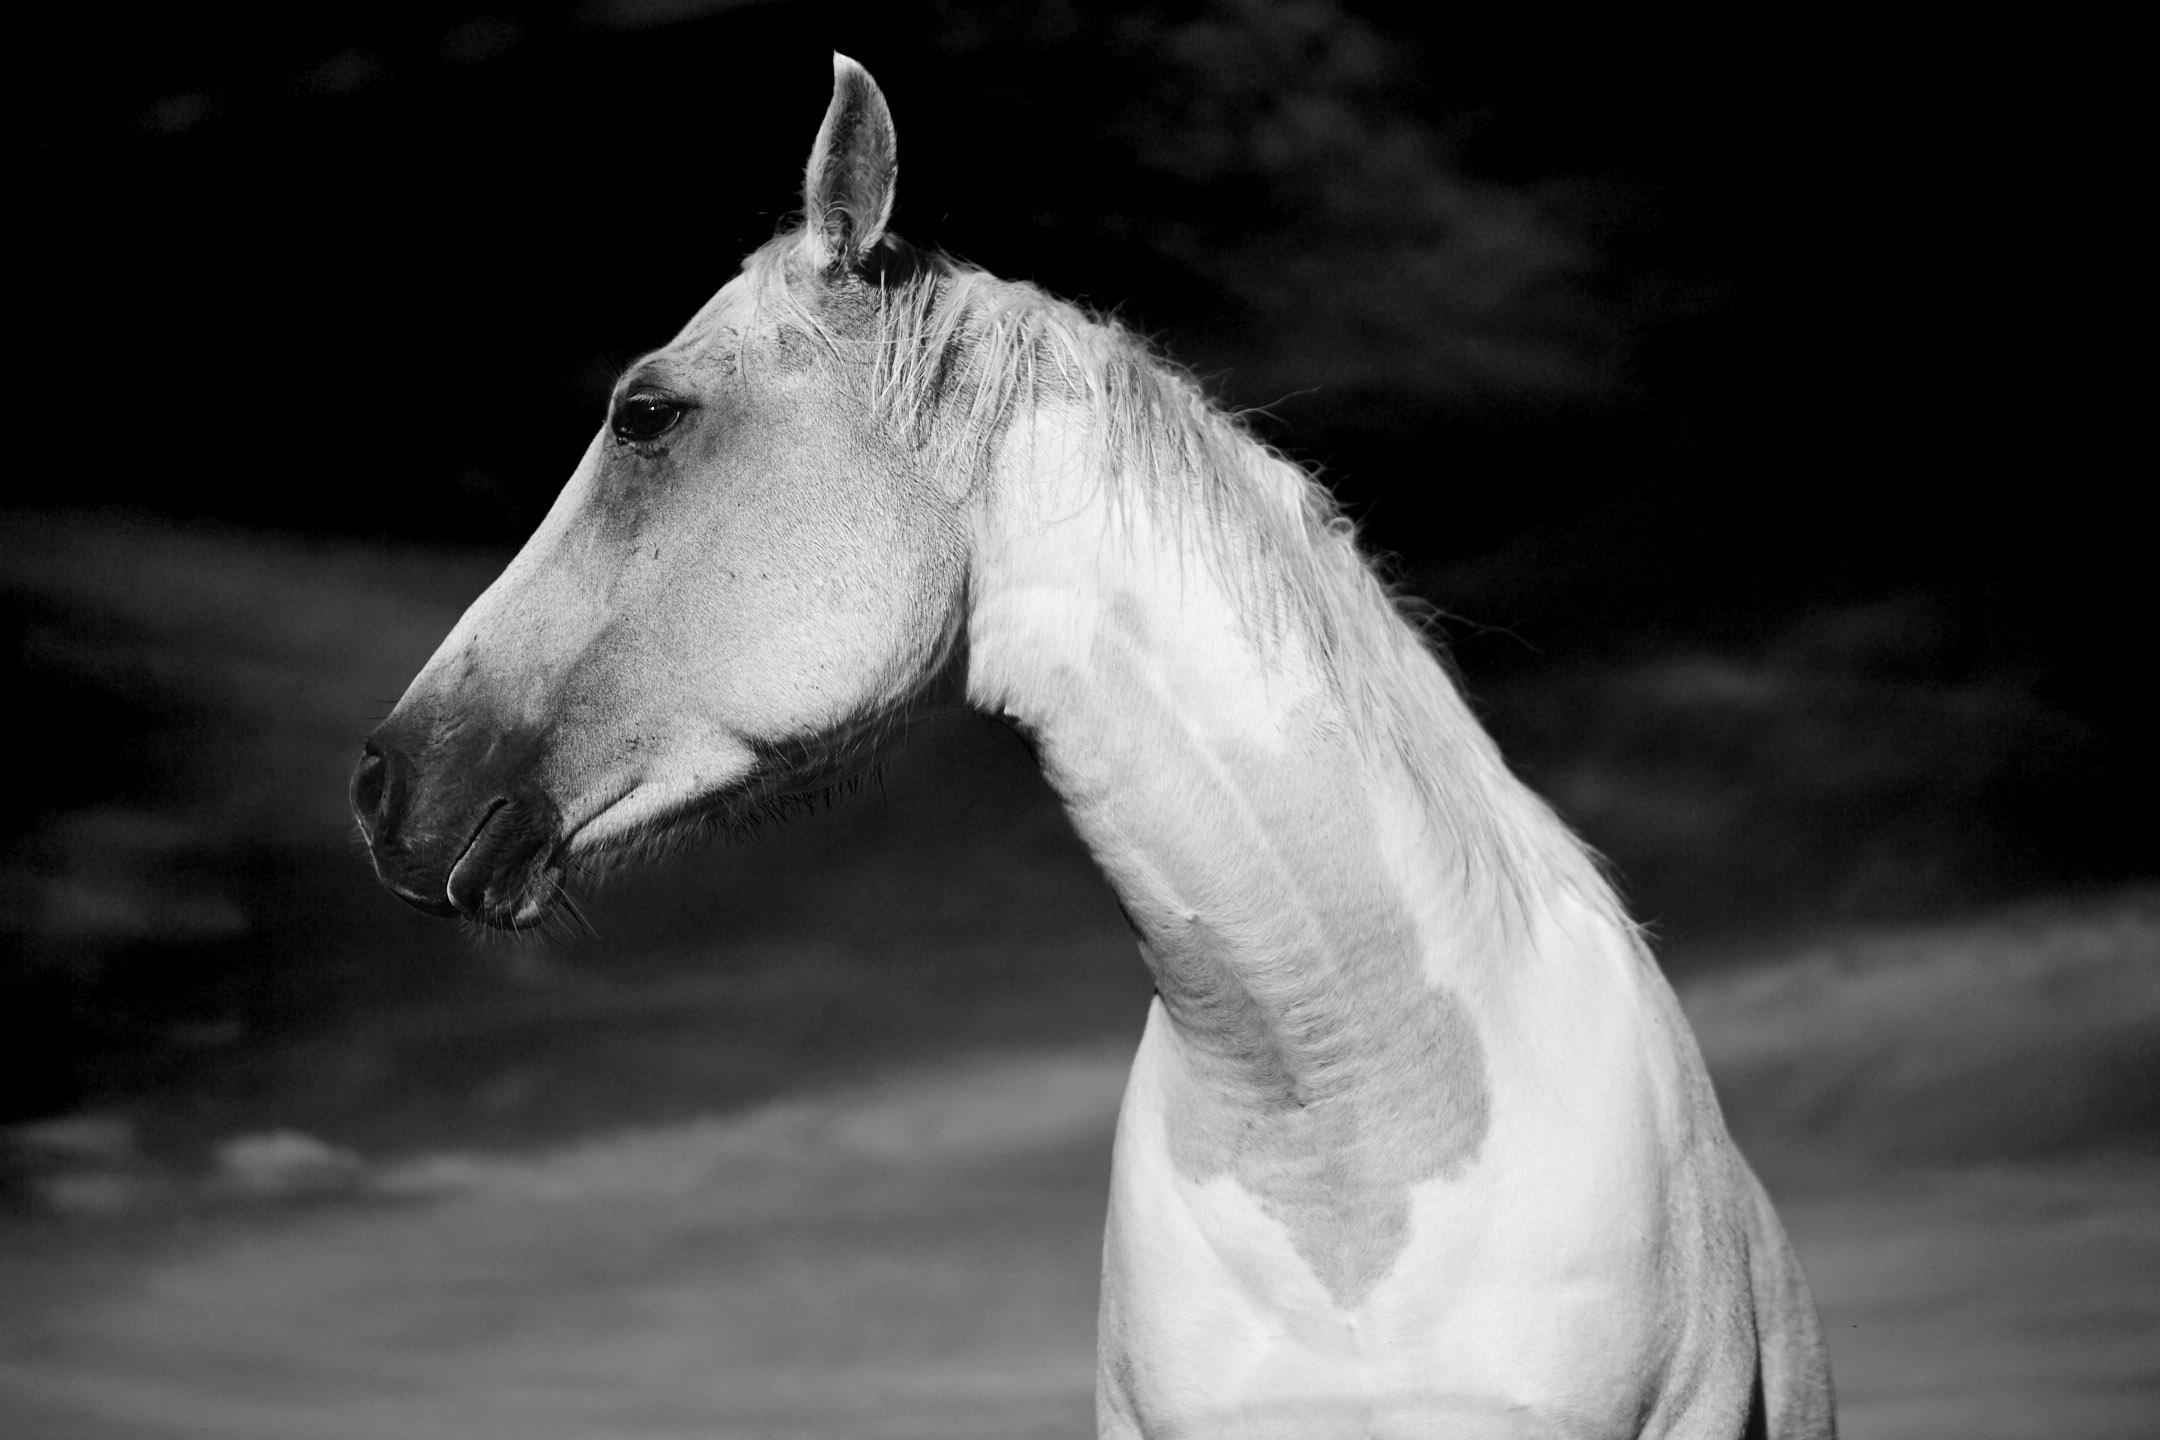 horses_2015_029bwflip.jpg